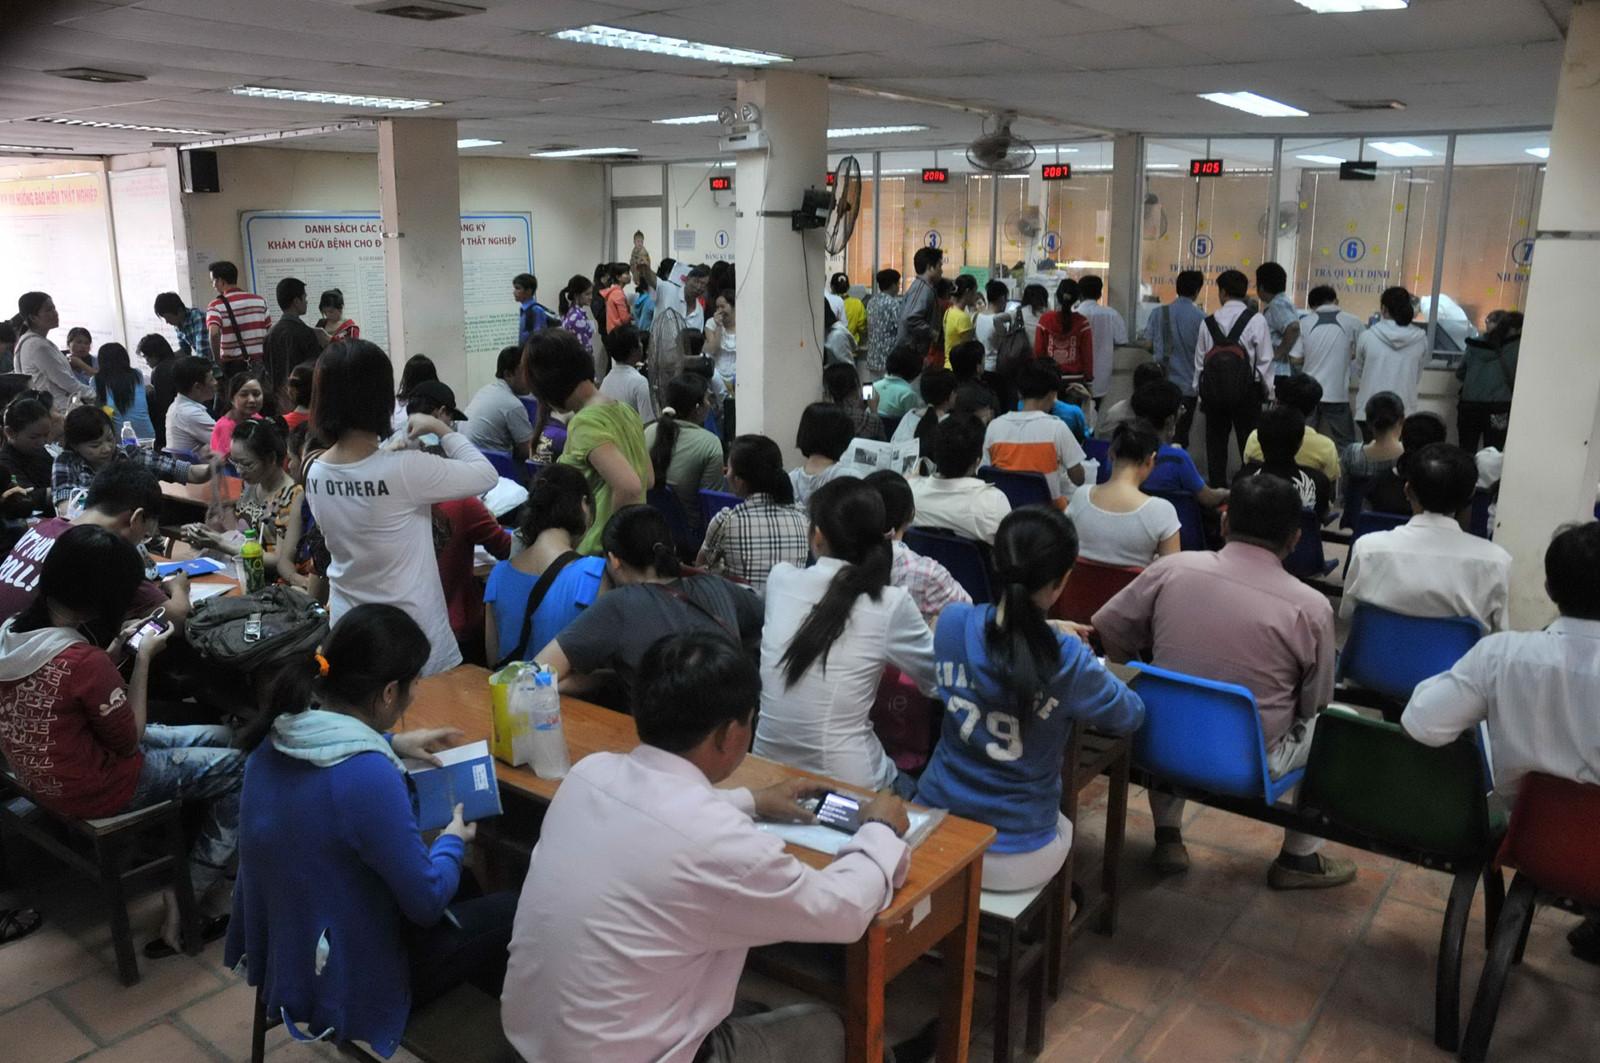 Số người mất việc ở Việt Nam đã tăng lên 8 triệu người